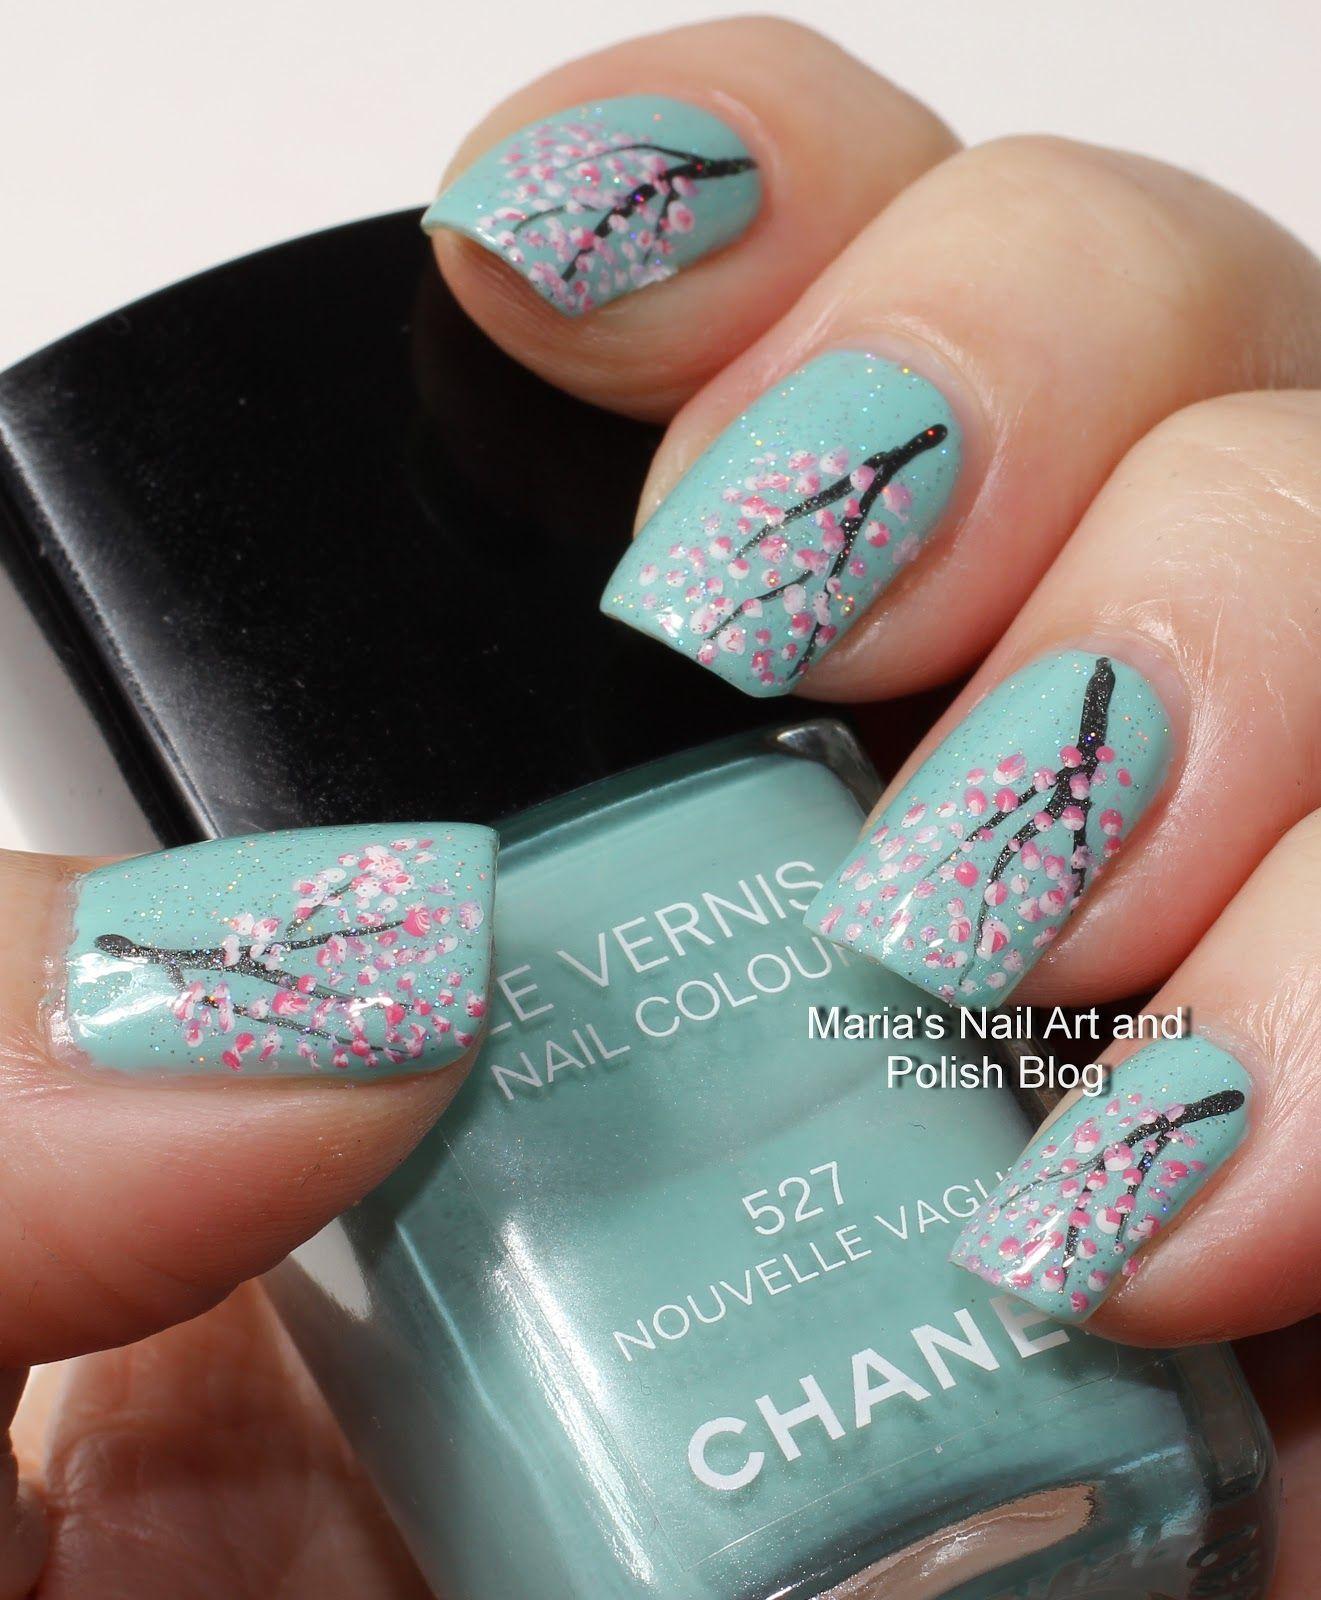 26 Impossible Japanese Nail Art Designs: Marias Nail Art And Polish Blog: Cherry Blossom Nail Art